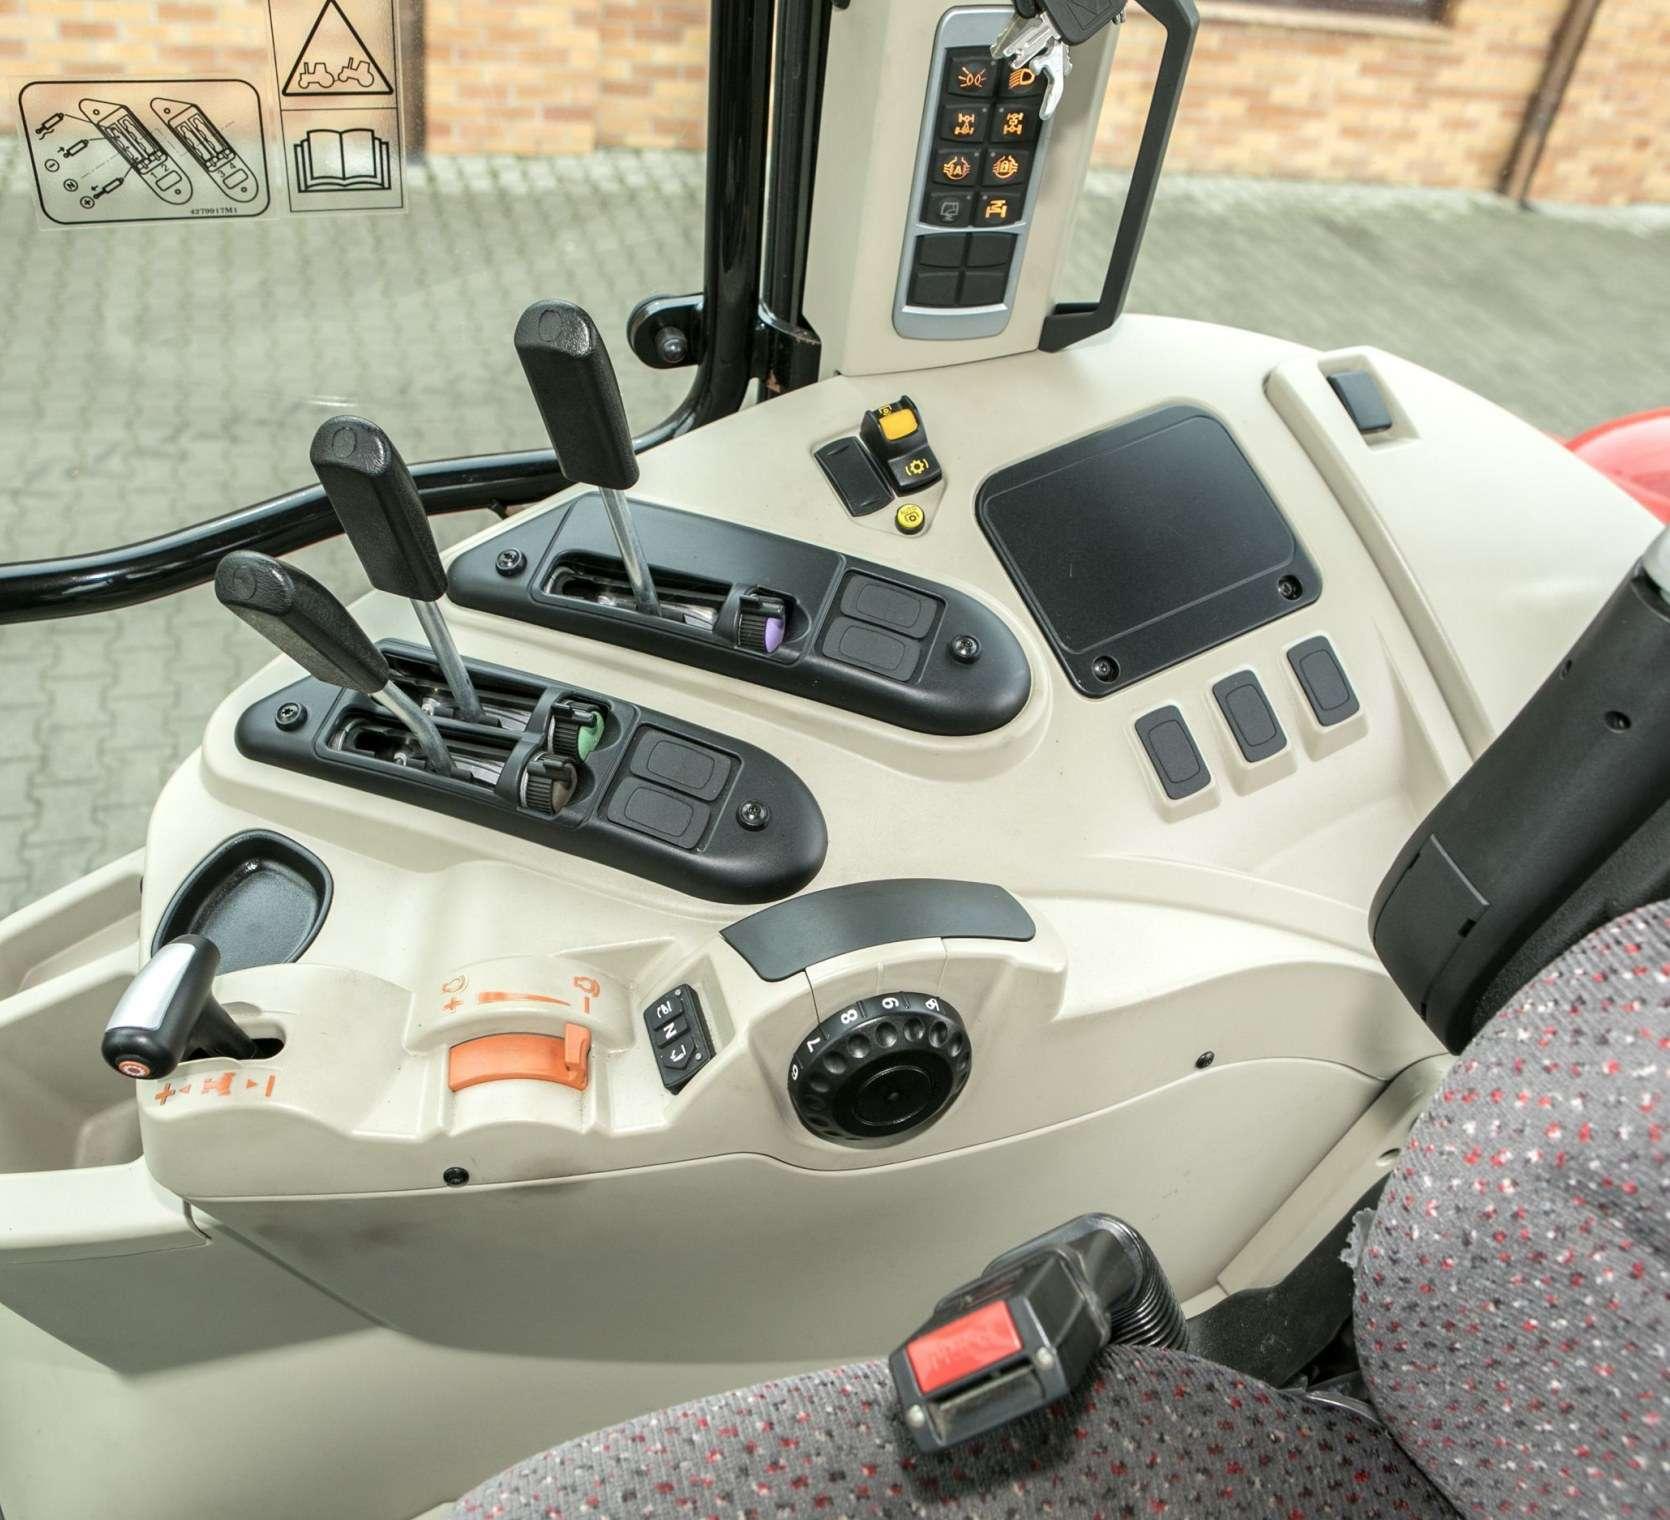 Bok przestronnej kabiny ciągnika MF 5611 kadr przedstawiający dźwignie sterujące